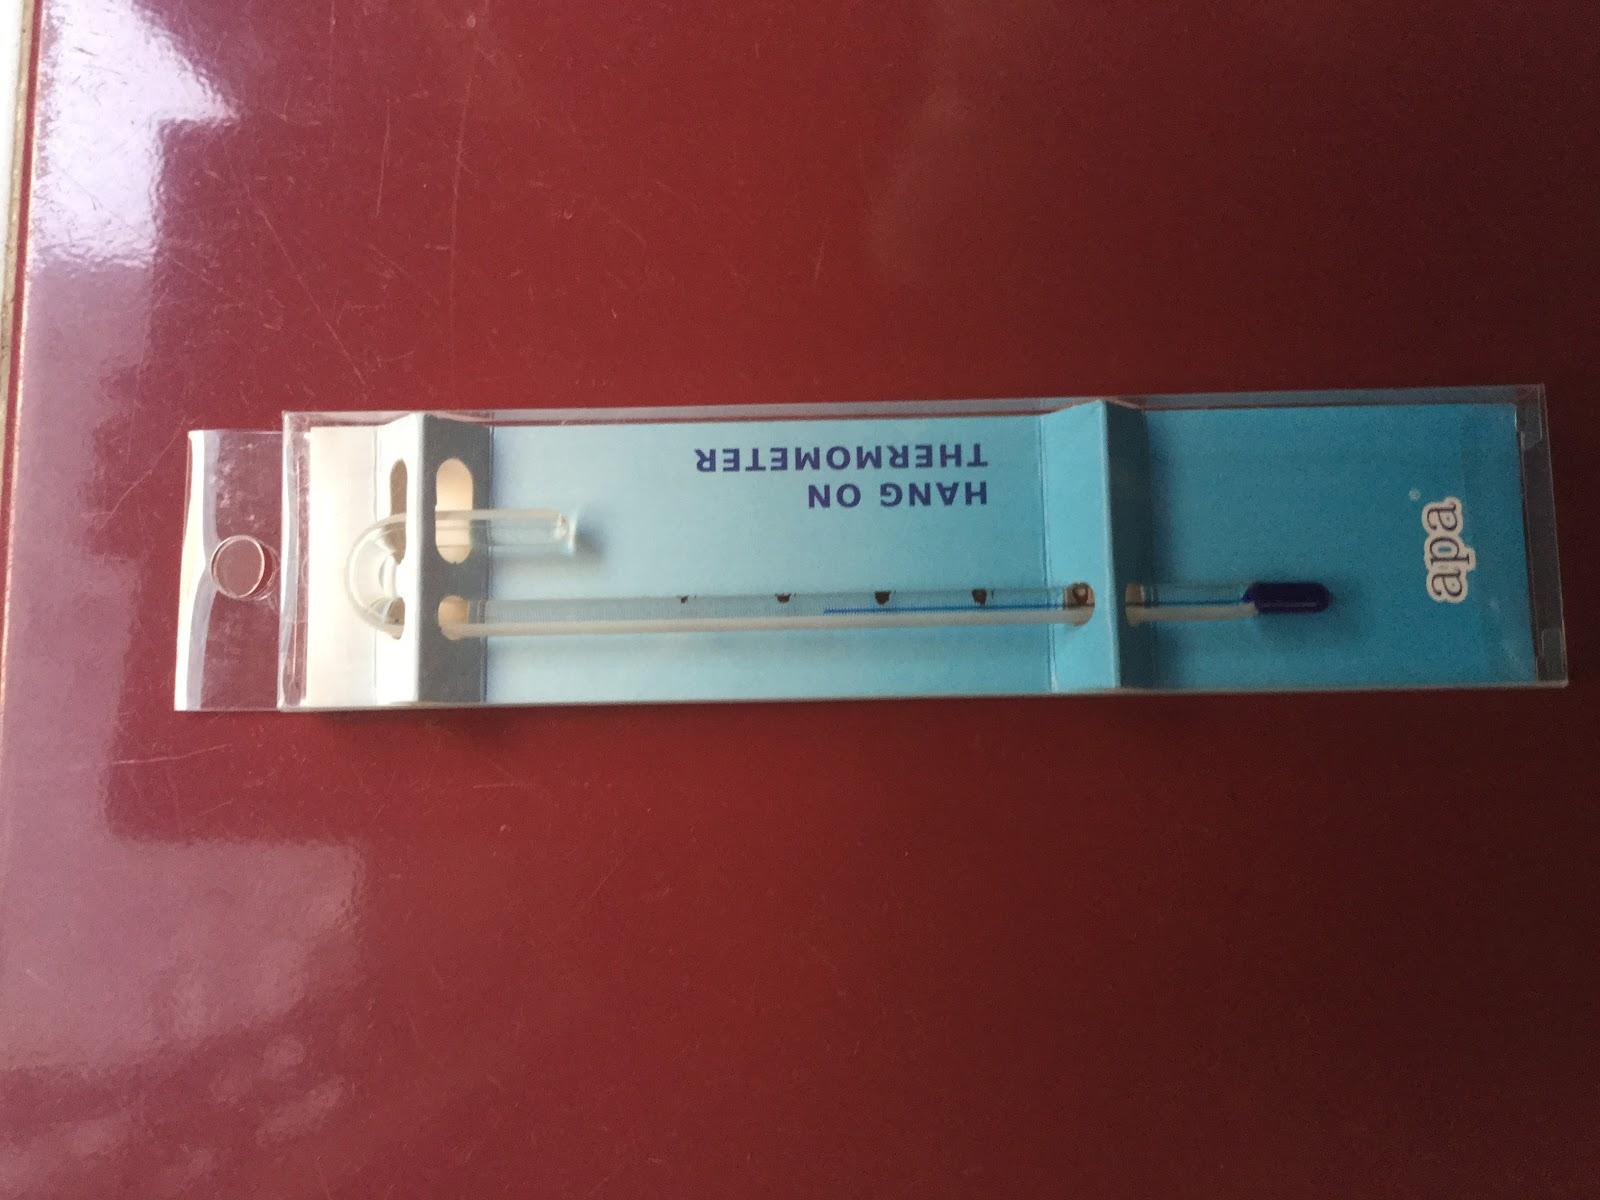 Các loại nhiệt kế cho hồ thủy sinh